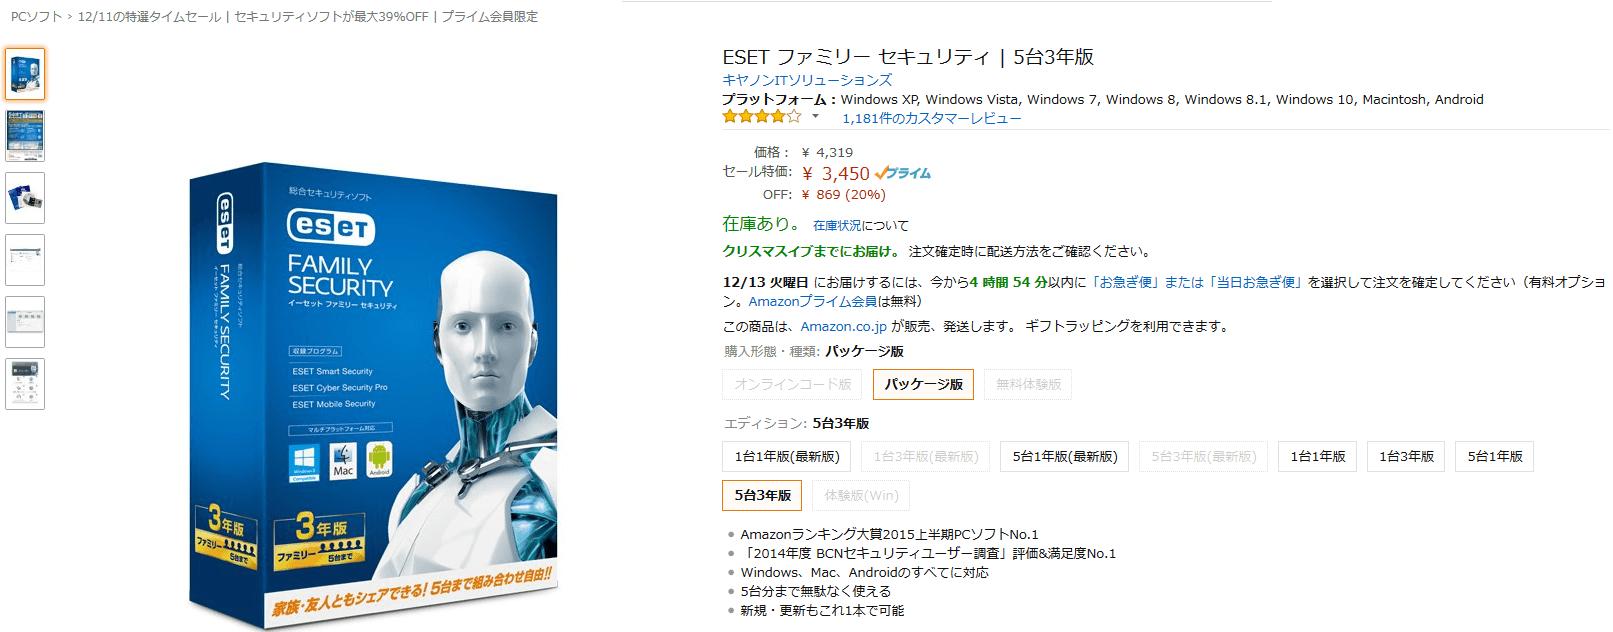 Amazonのセールで5台3年版のESETが3,450円になってる